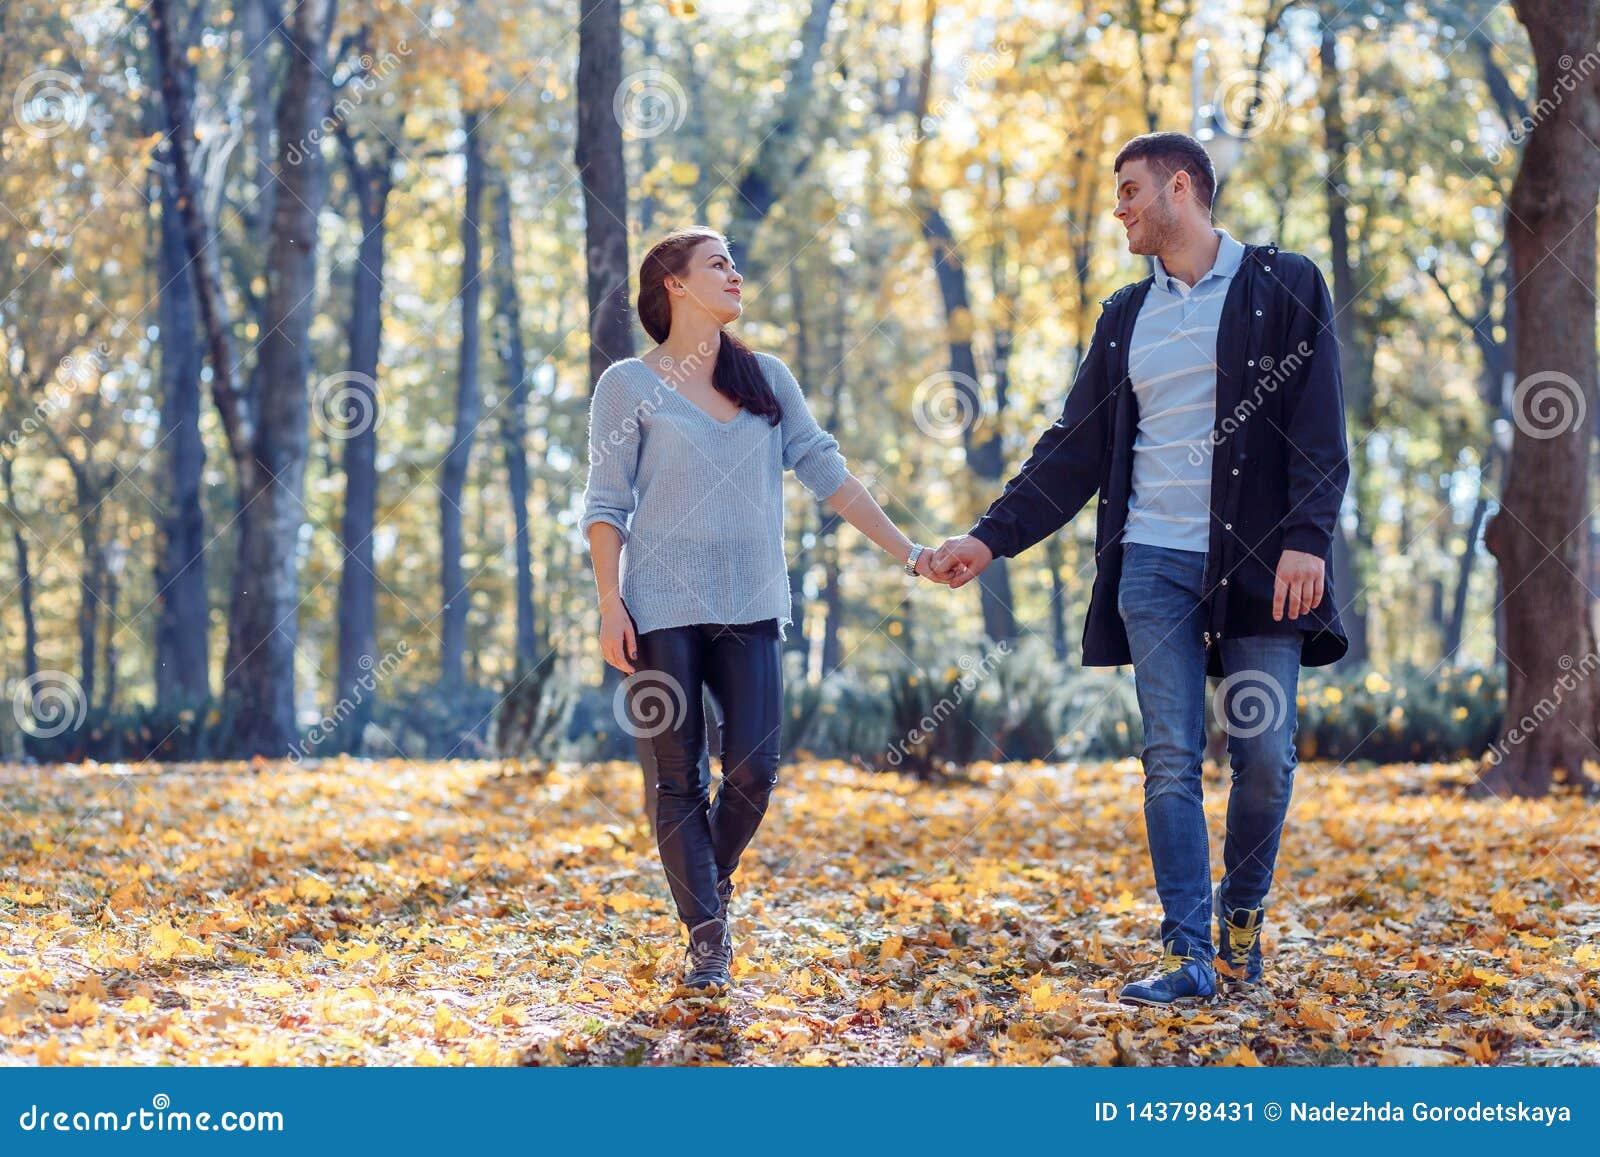 Natuurlijke foto s van een gelukkig paar in liefde die pret buiten op een zonnige de herfstdag hebben Samenhorigheid en gelukconc